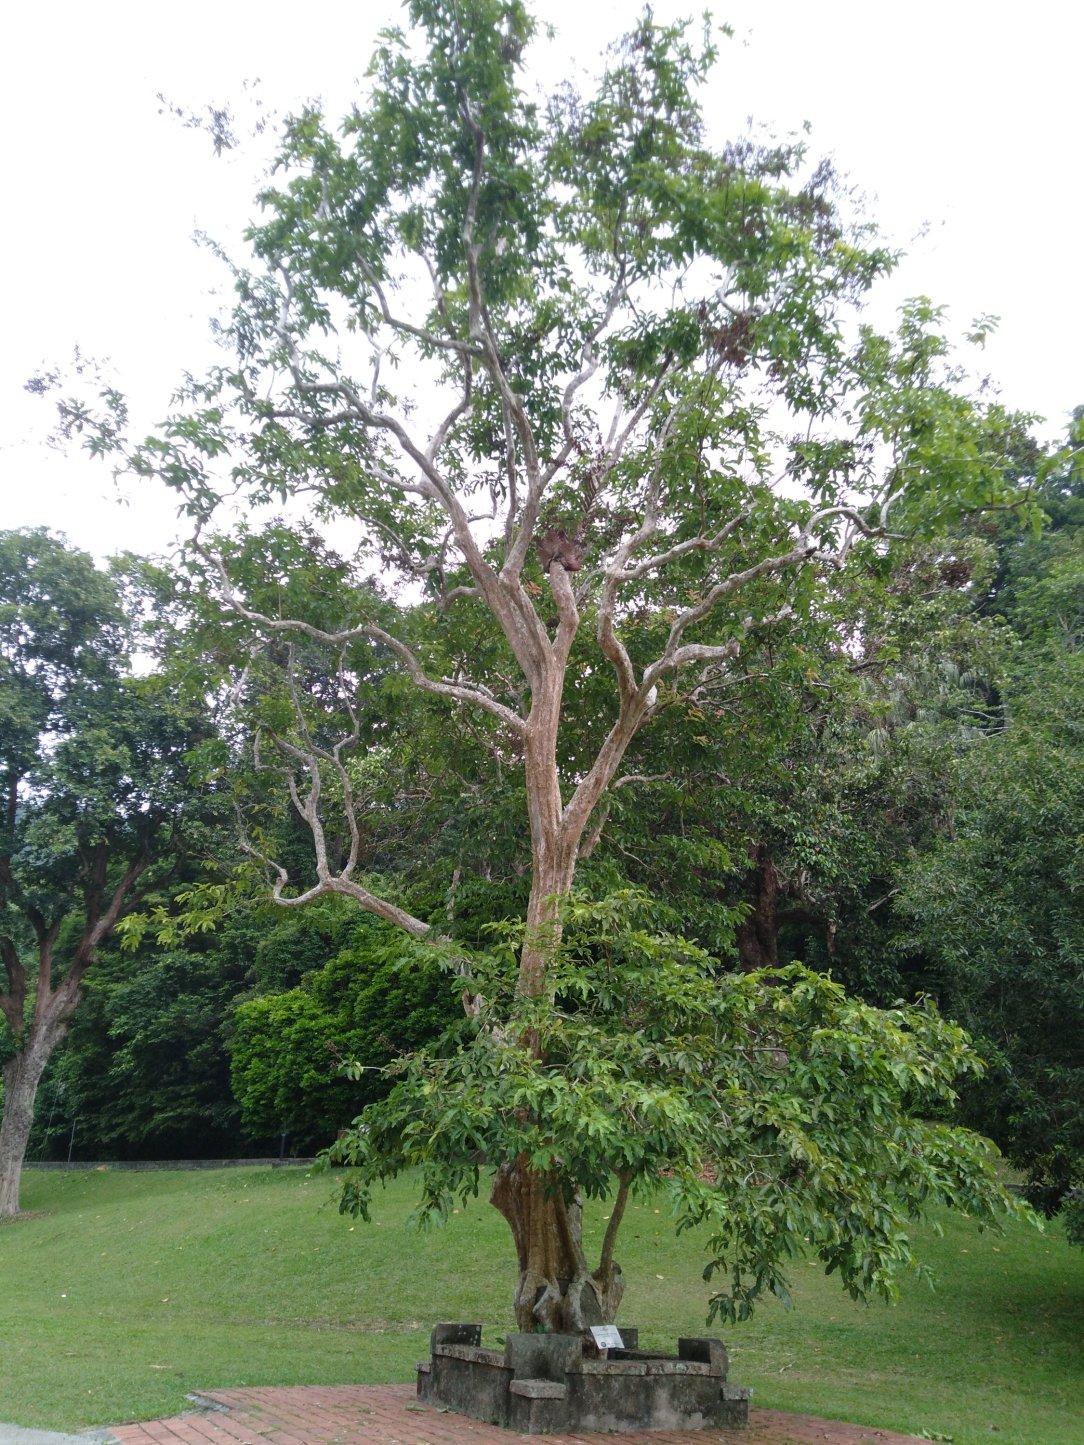 penang botanic garden trees ad flowers